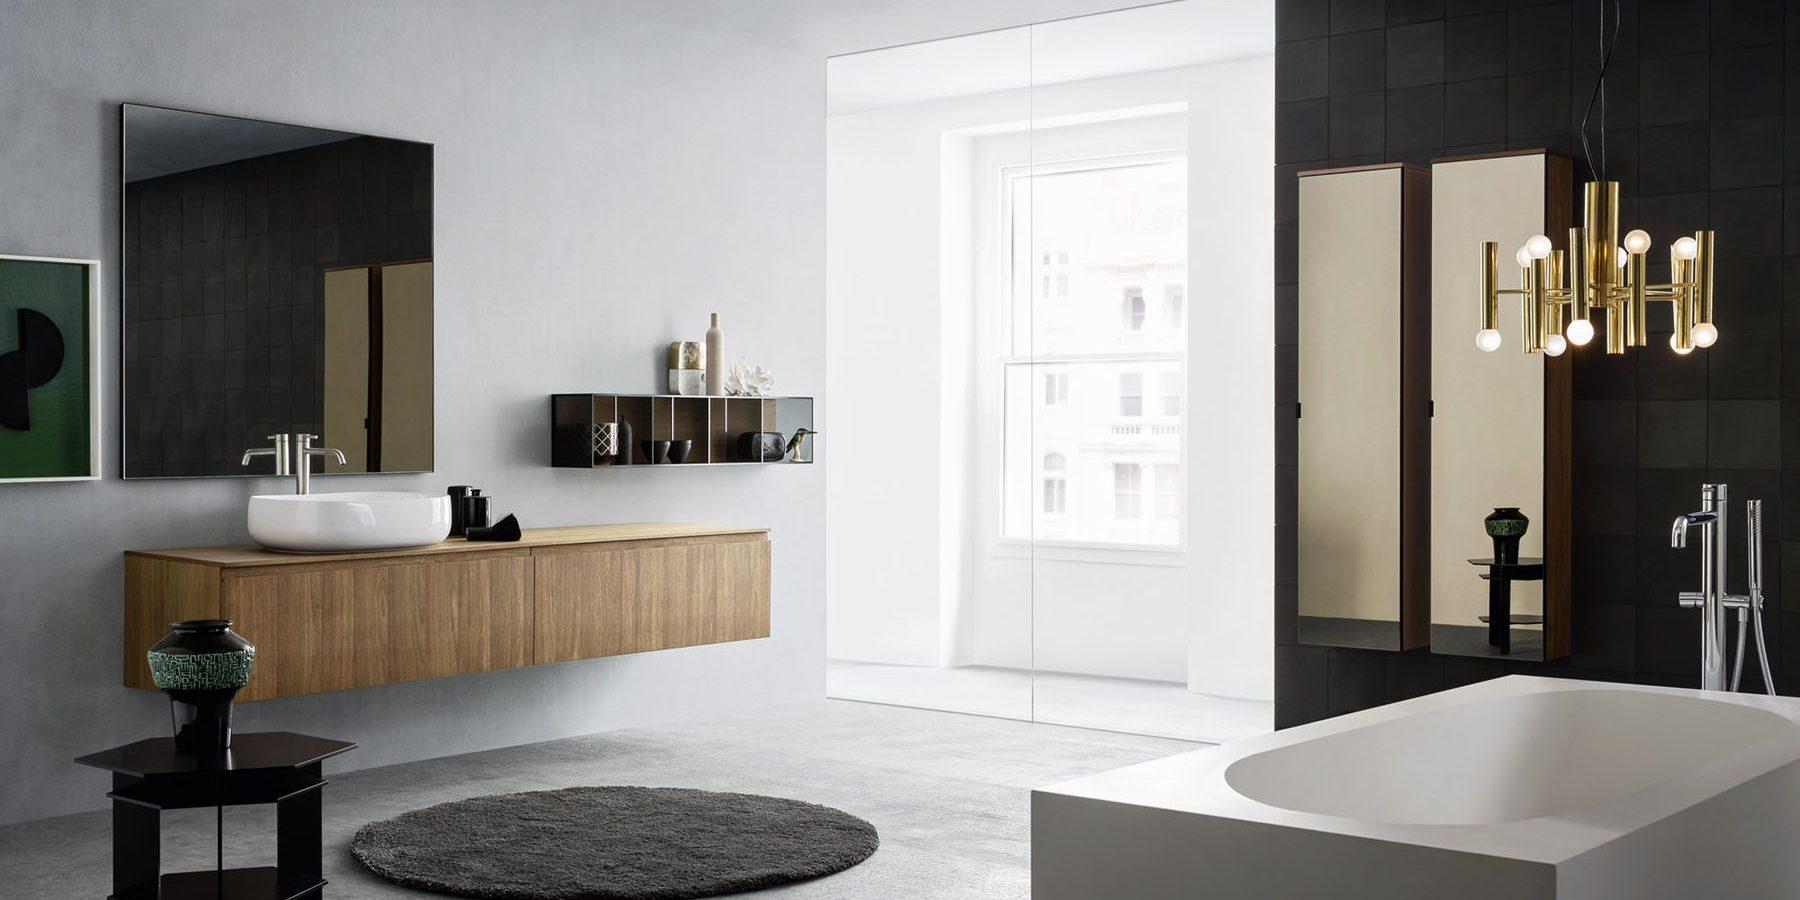 Arredo bagno mobili bagno centro mobili godiasco salice terme pv - Arbi arredo bagno ...